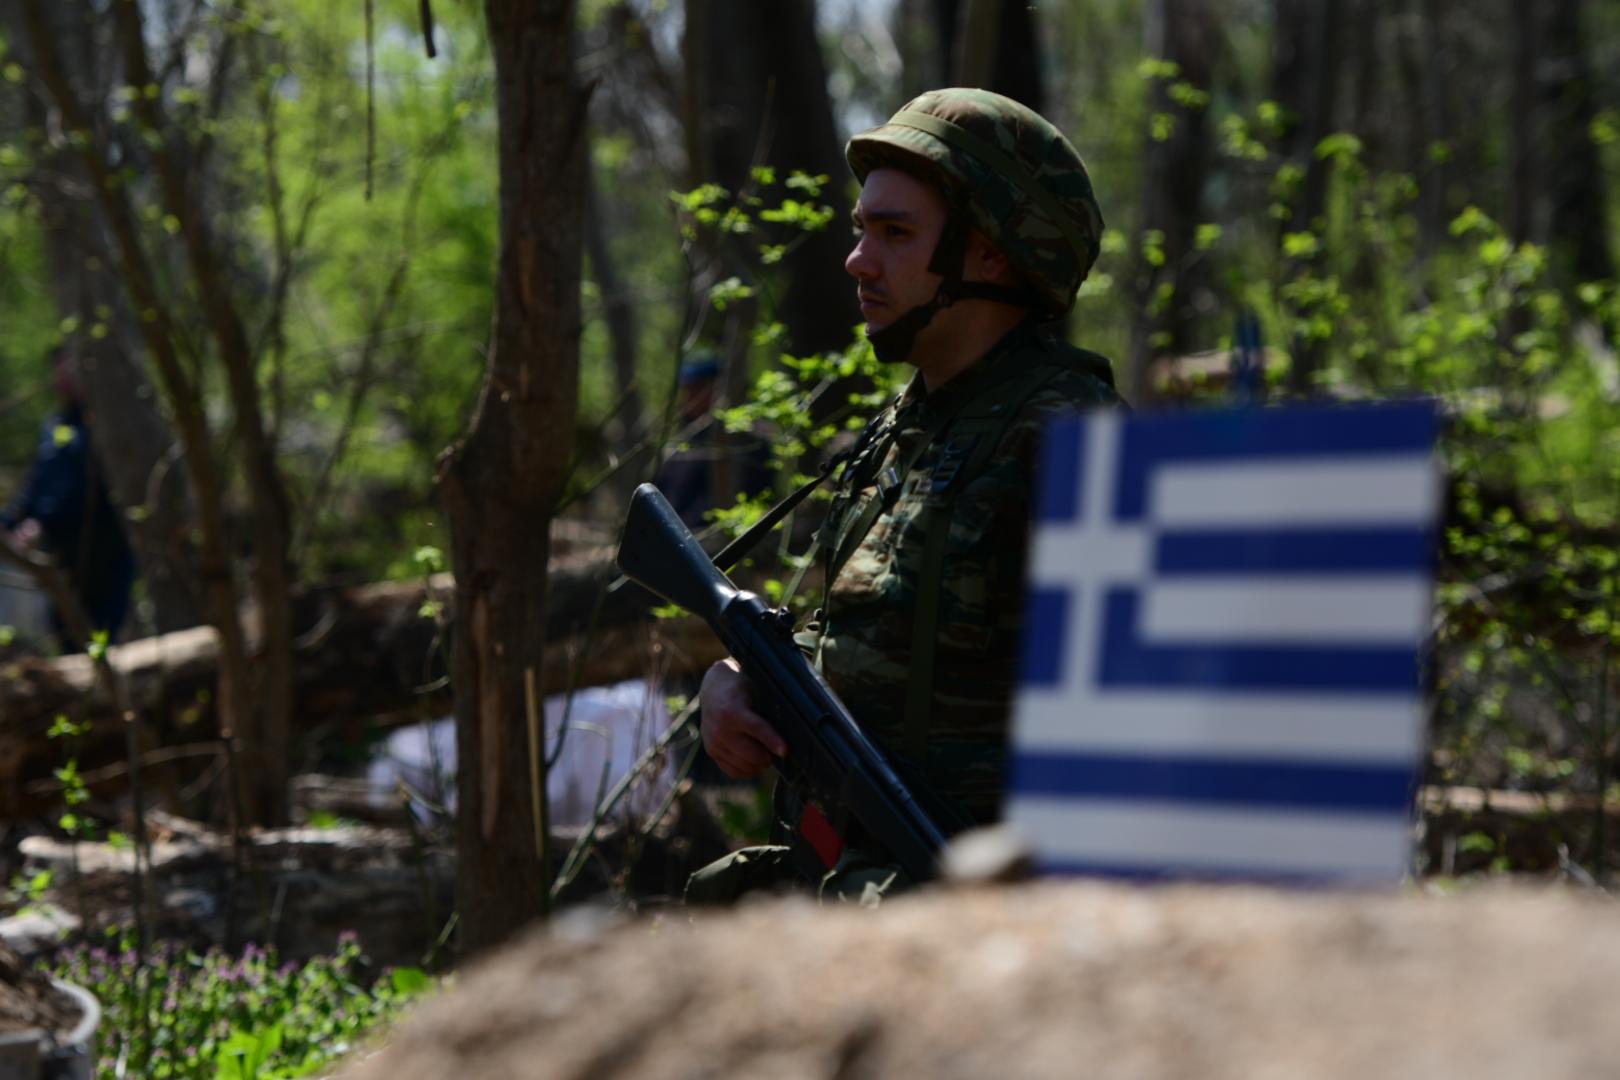 Έβρος: Συναγερμός για το χάπι των τζιχαντιστών – Οι συλλήψεις που δείχνουν οργανωμένο σχέδιο